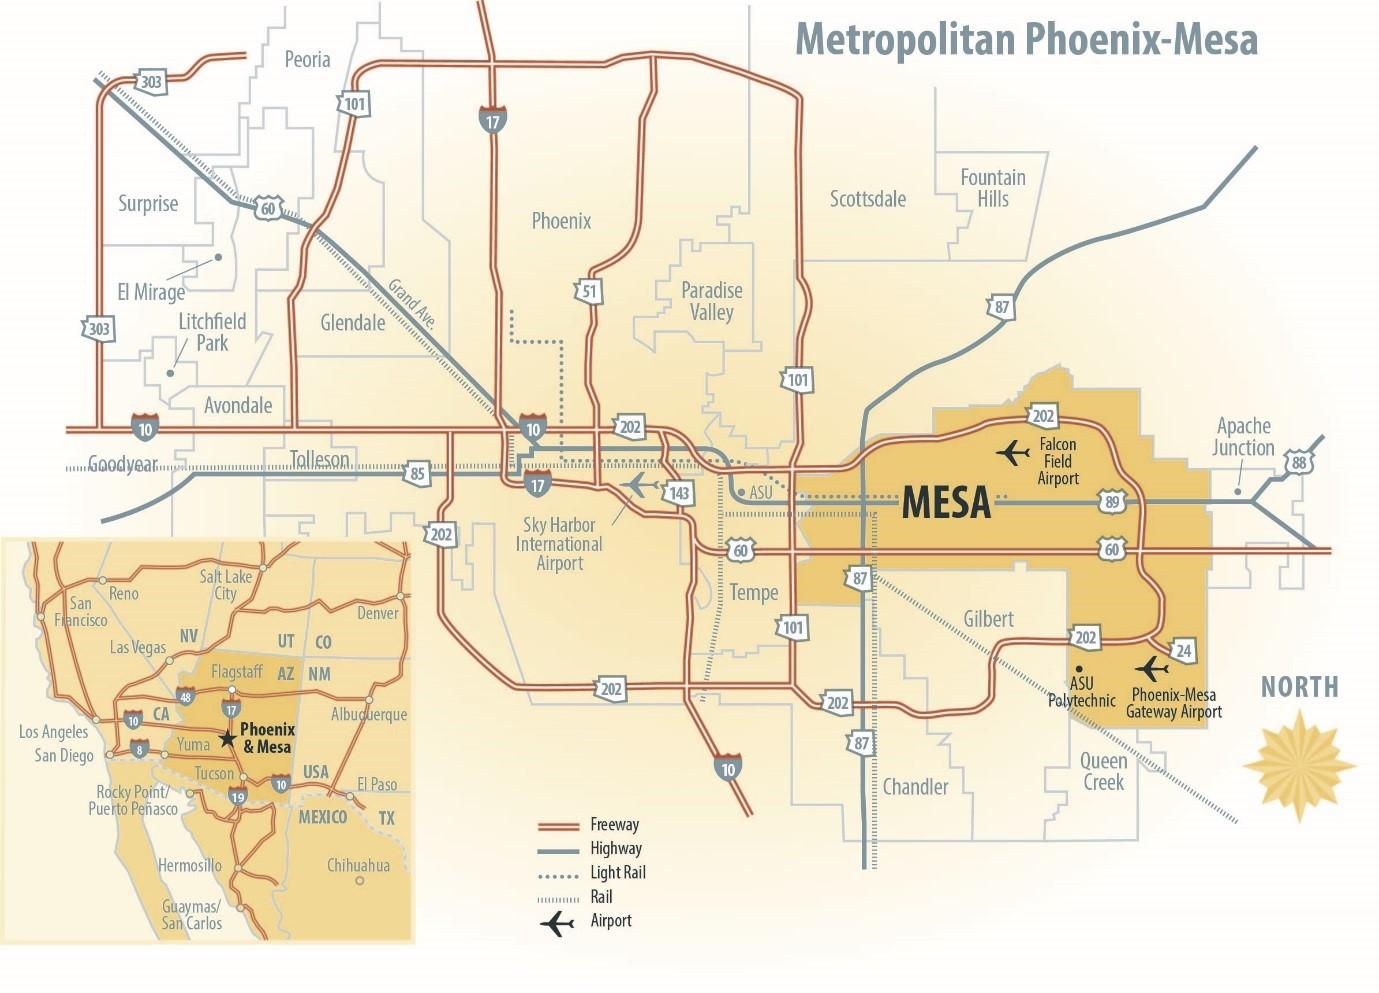 metro phx-mesa map